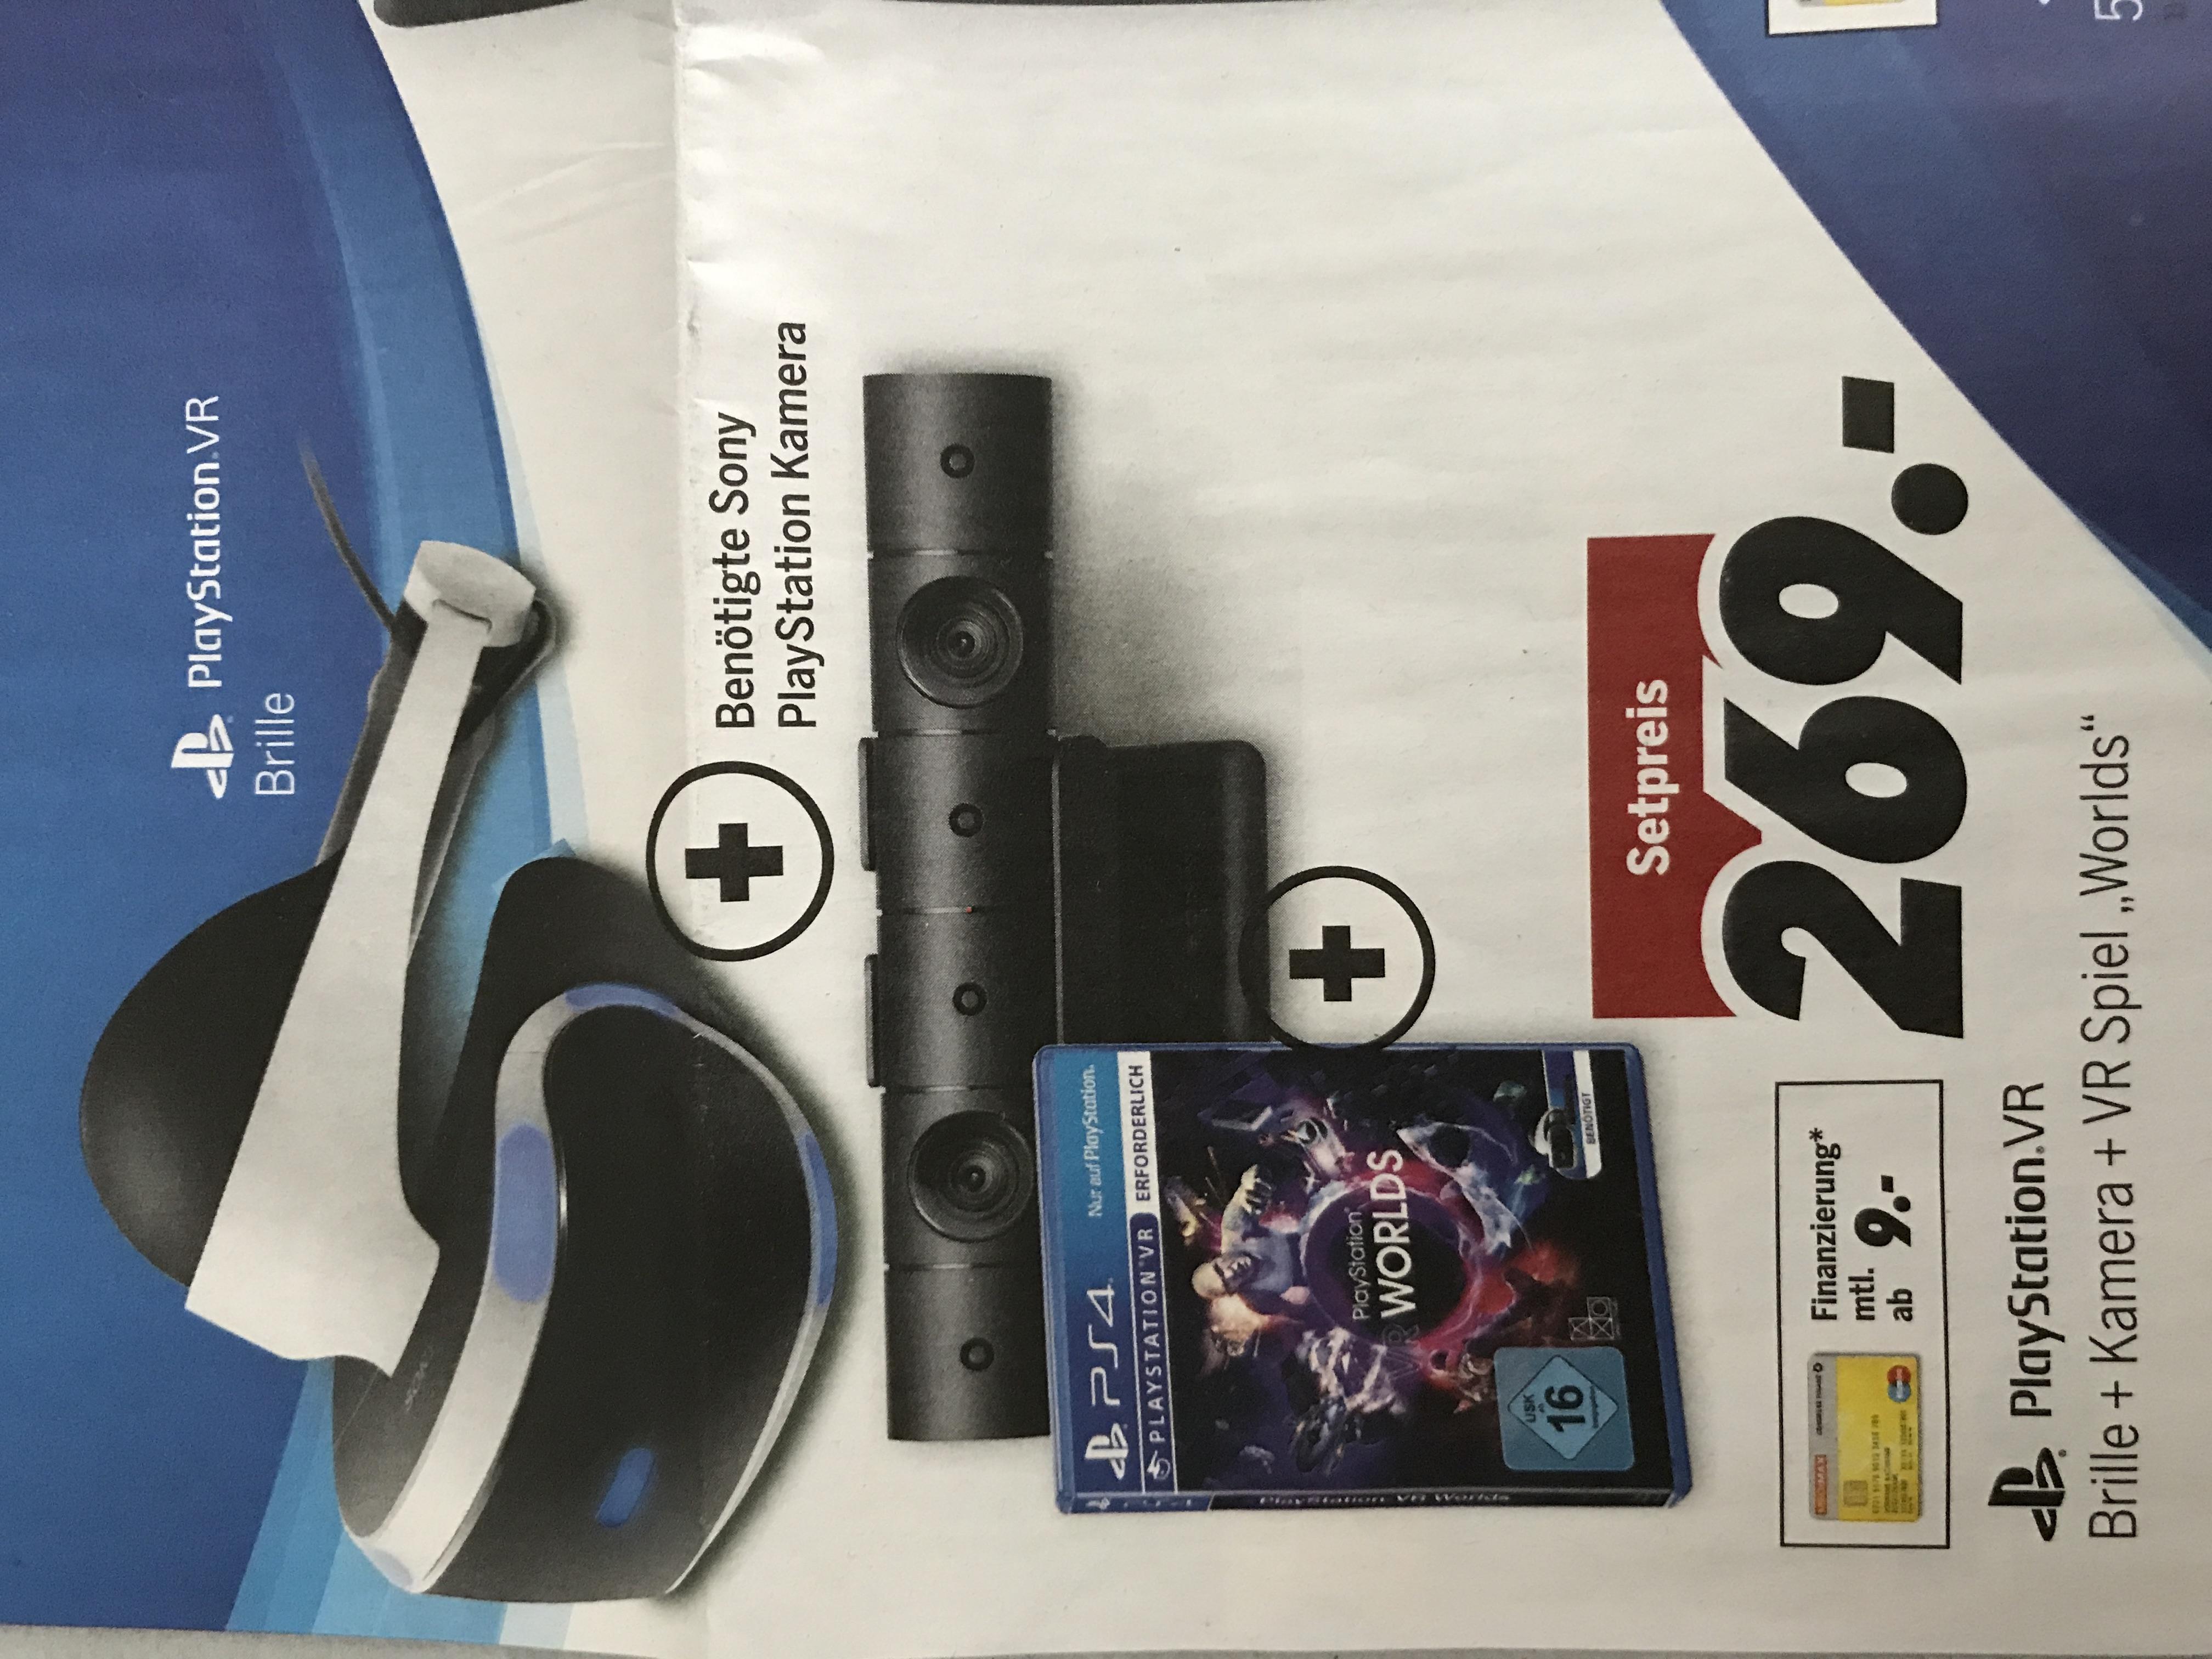 """Playstation VR + Kamera + Game """"Worlds"""" für 269€ bei Medimax Hamburg *LOKAL*"""